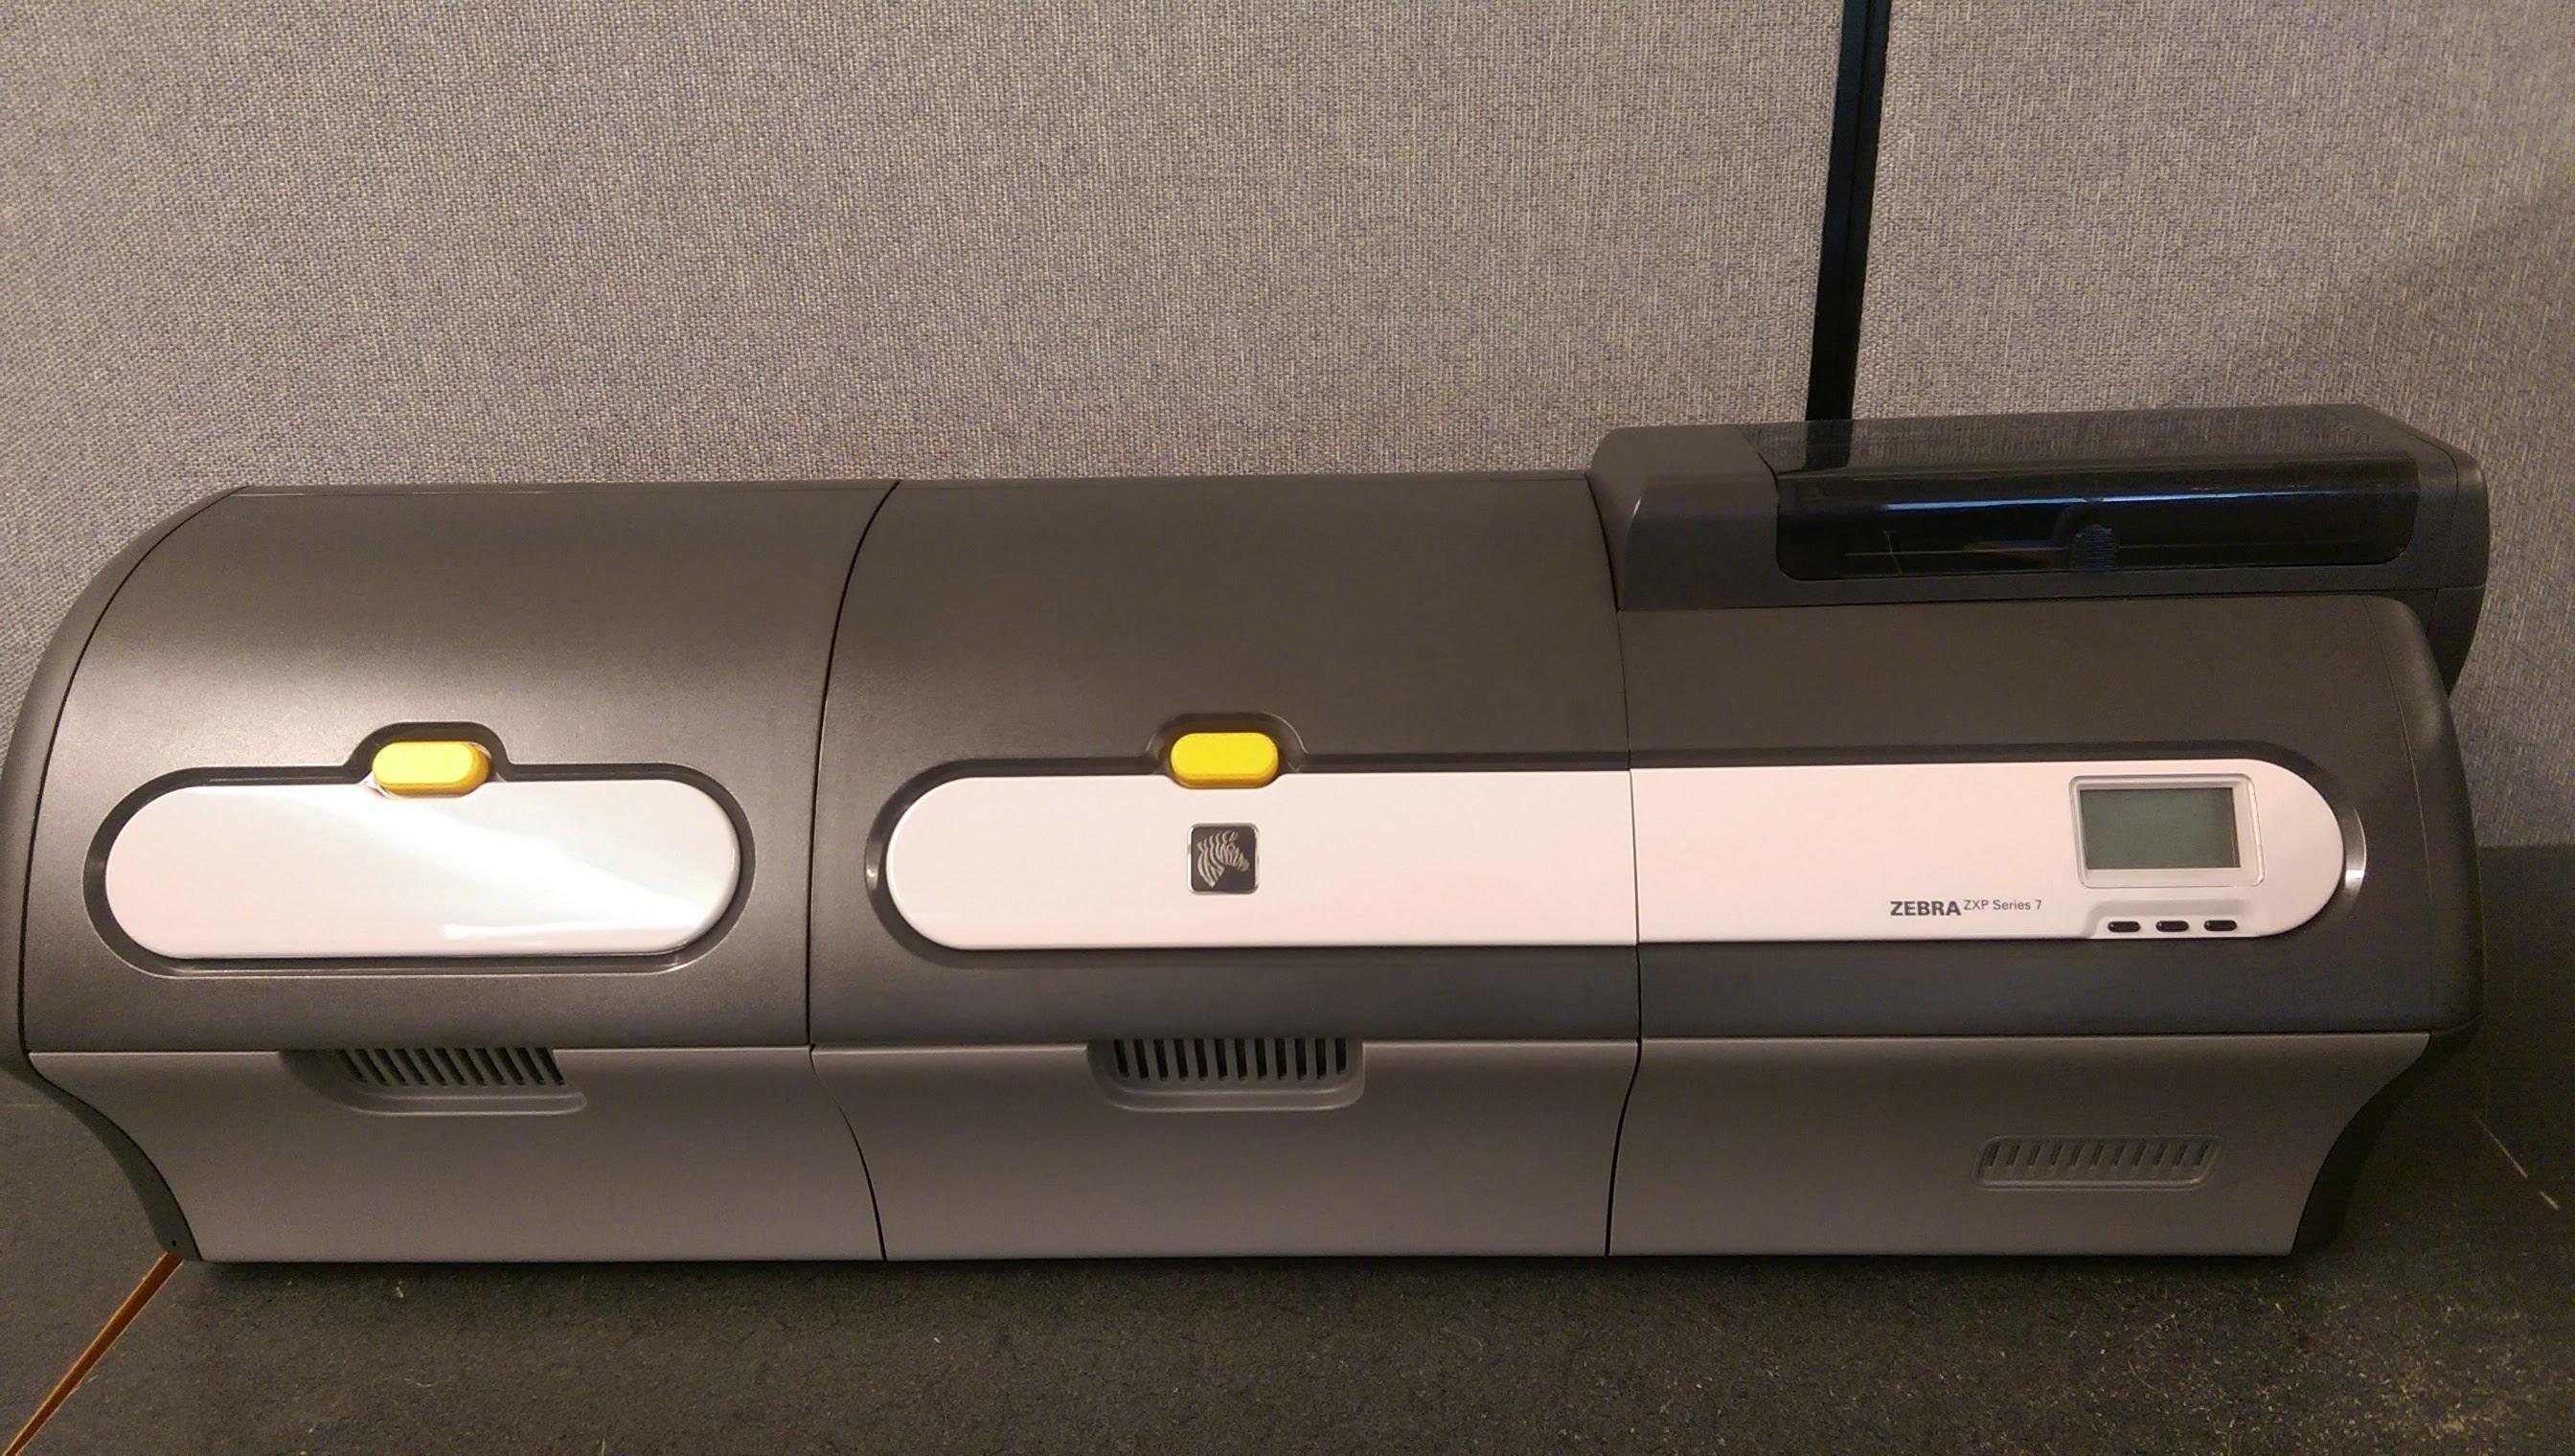 Zebra ZXP-Series-7-Card-Printer